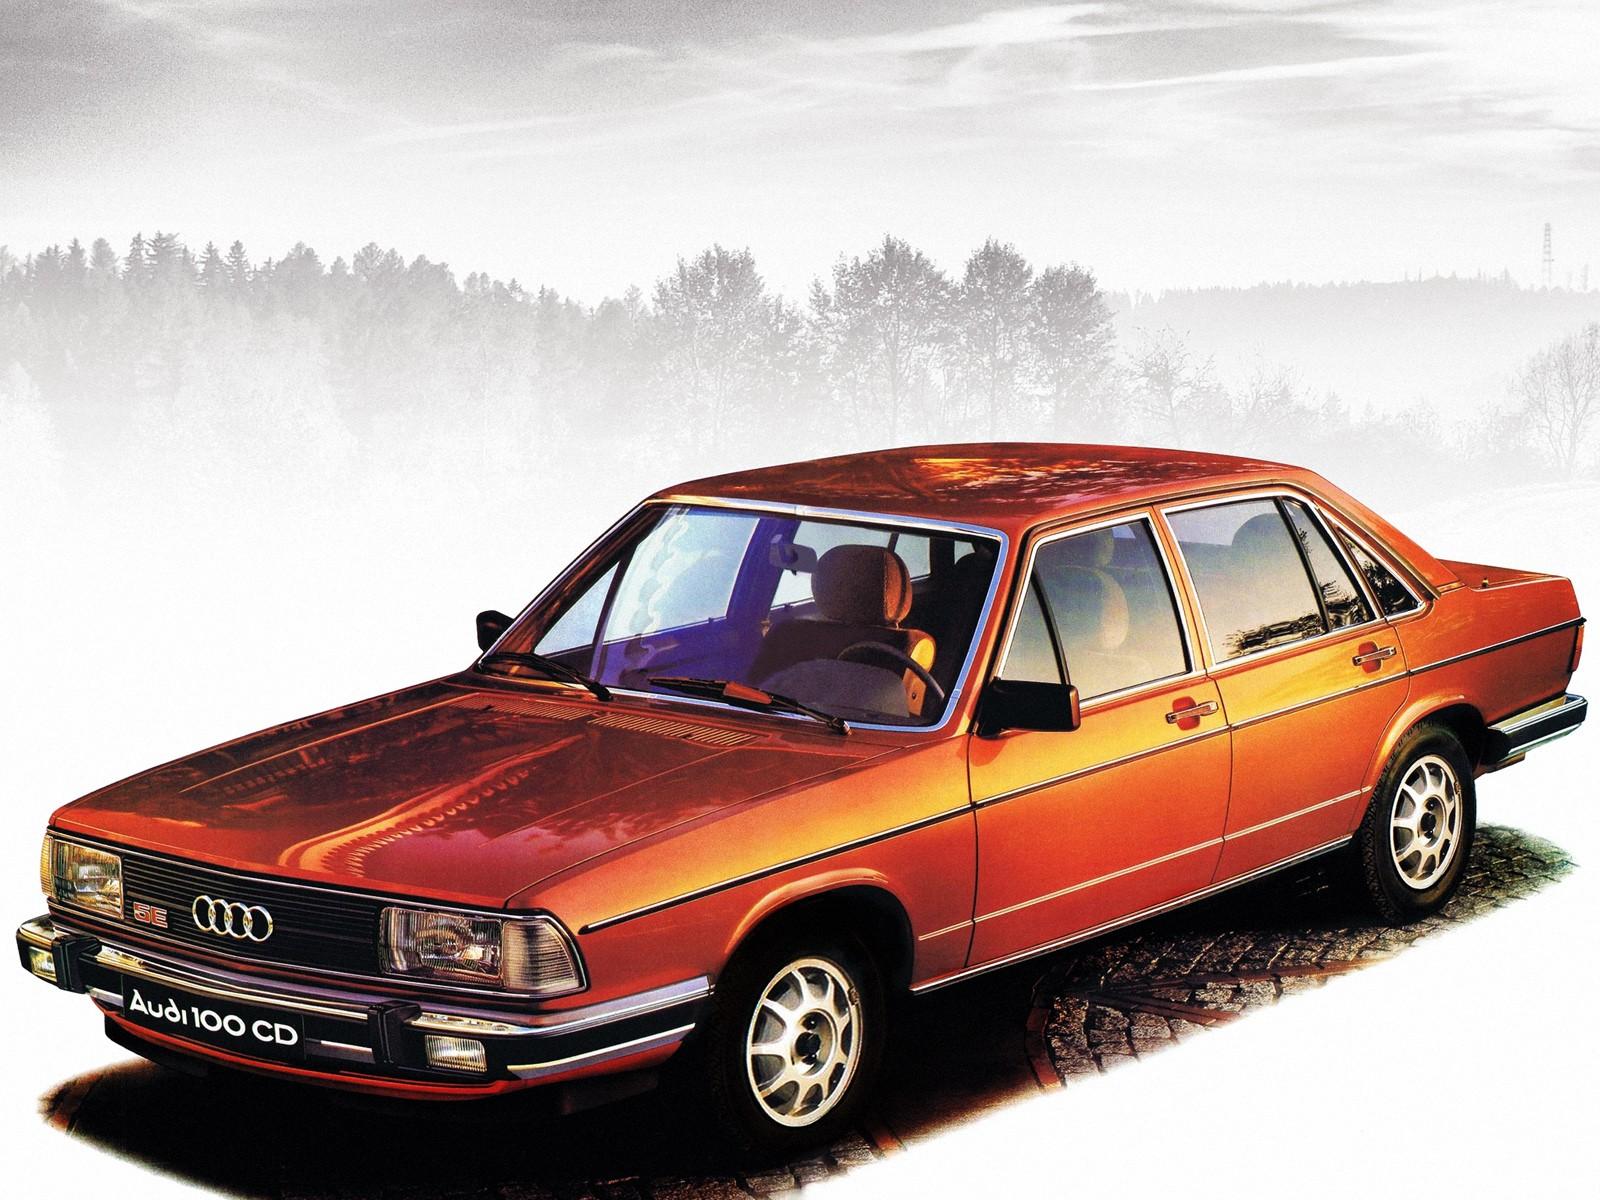 Audi 100 C2 CD 1976 s1